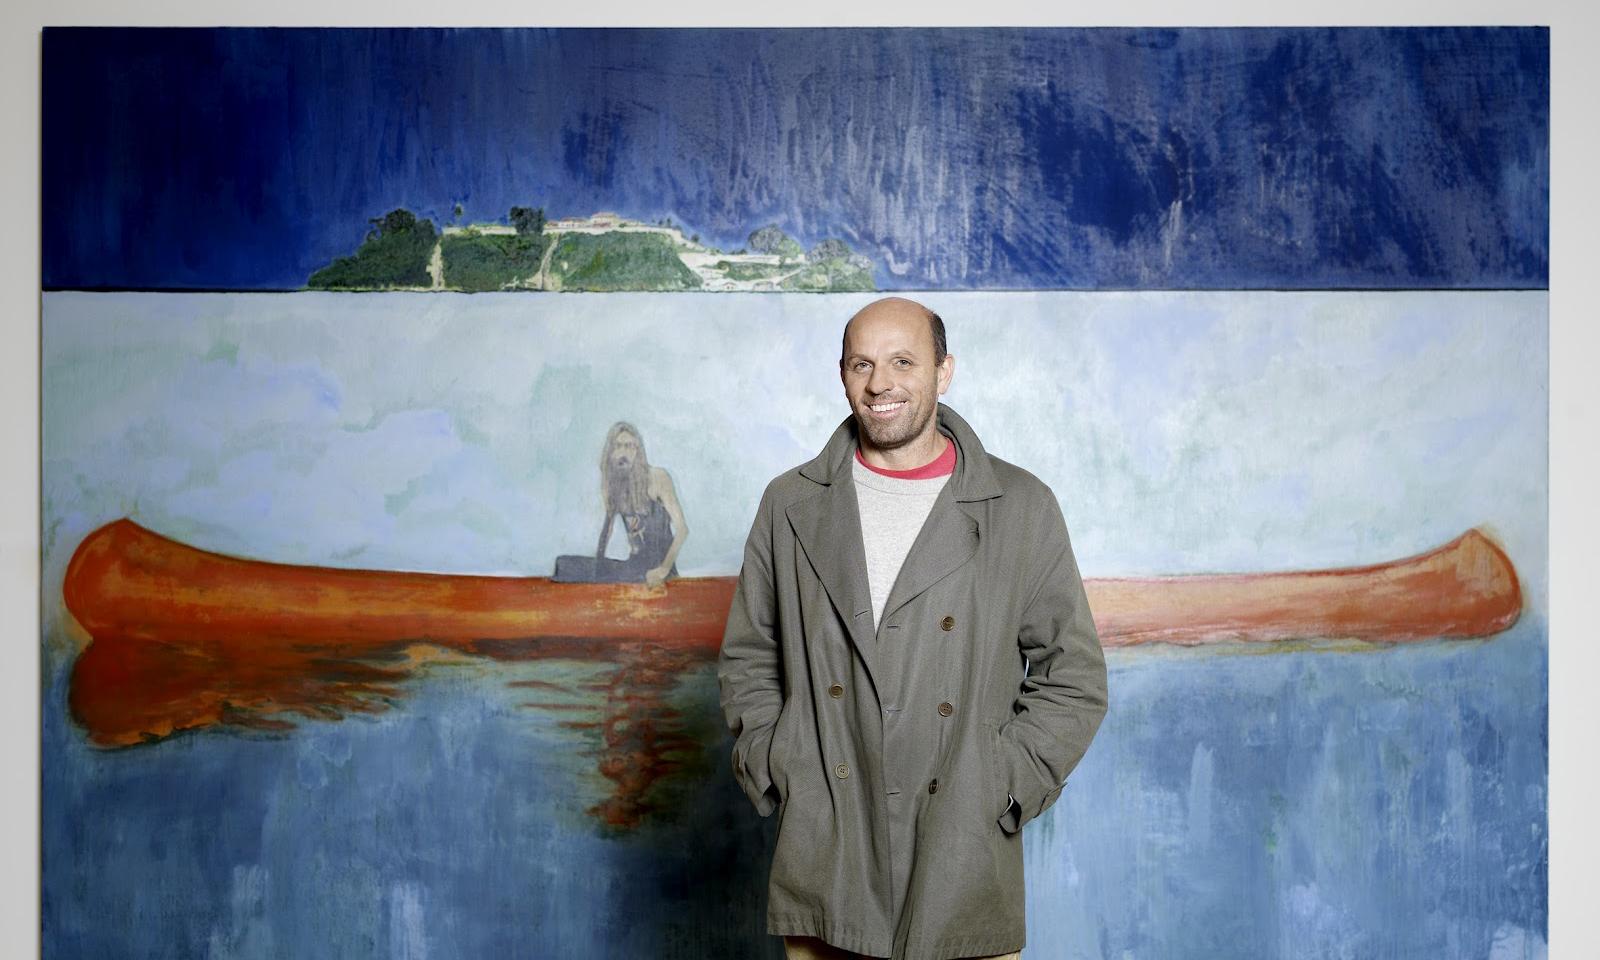 DIOR MEN 2021 秋冬系列将与苏格兰画家 Peter Doig 合作